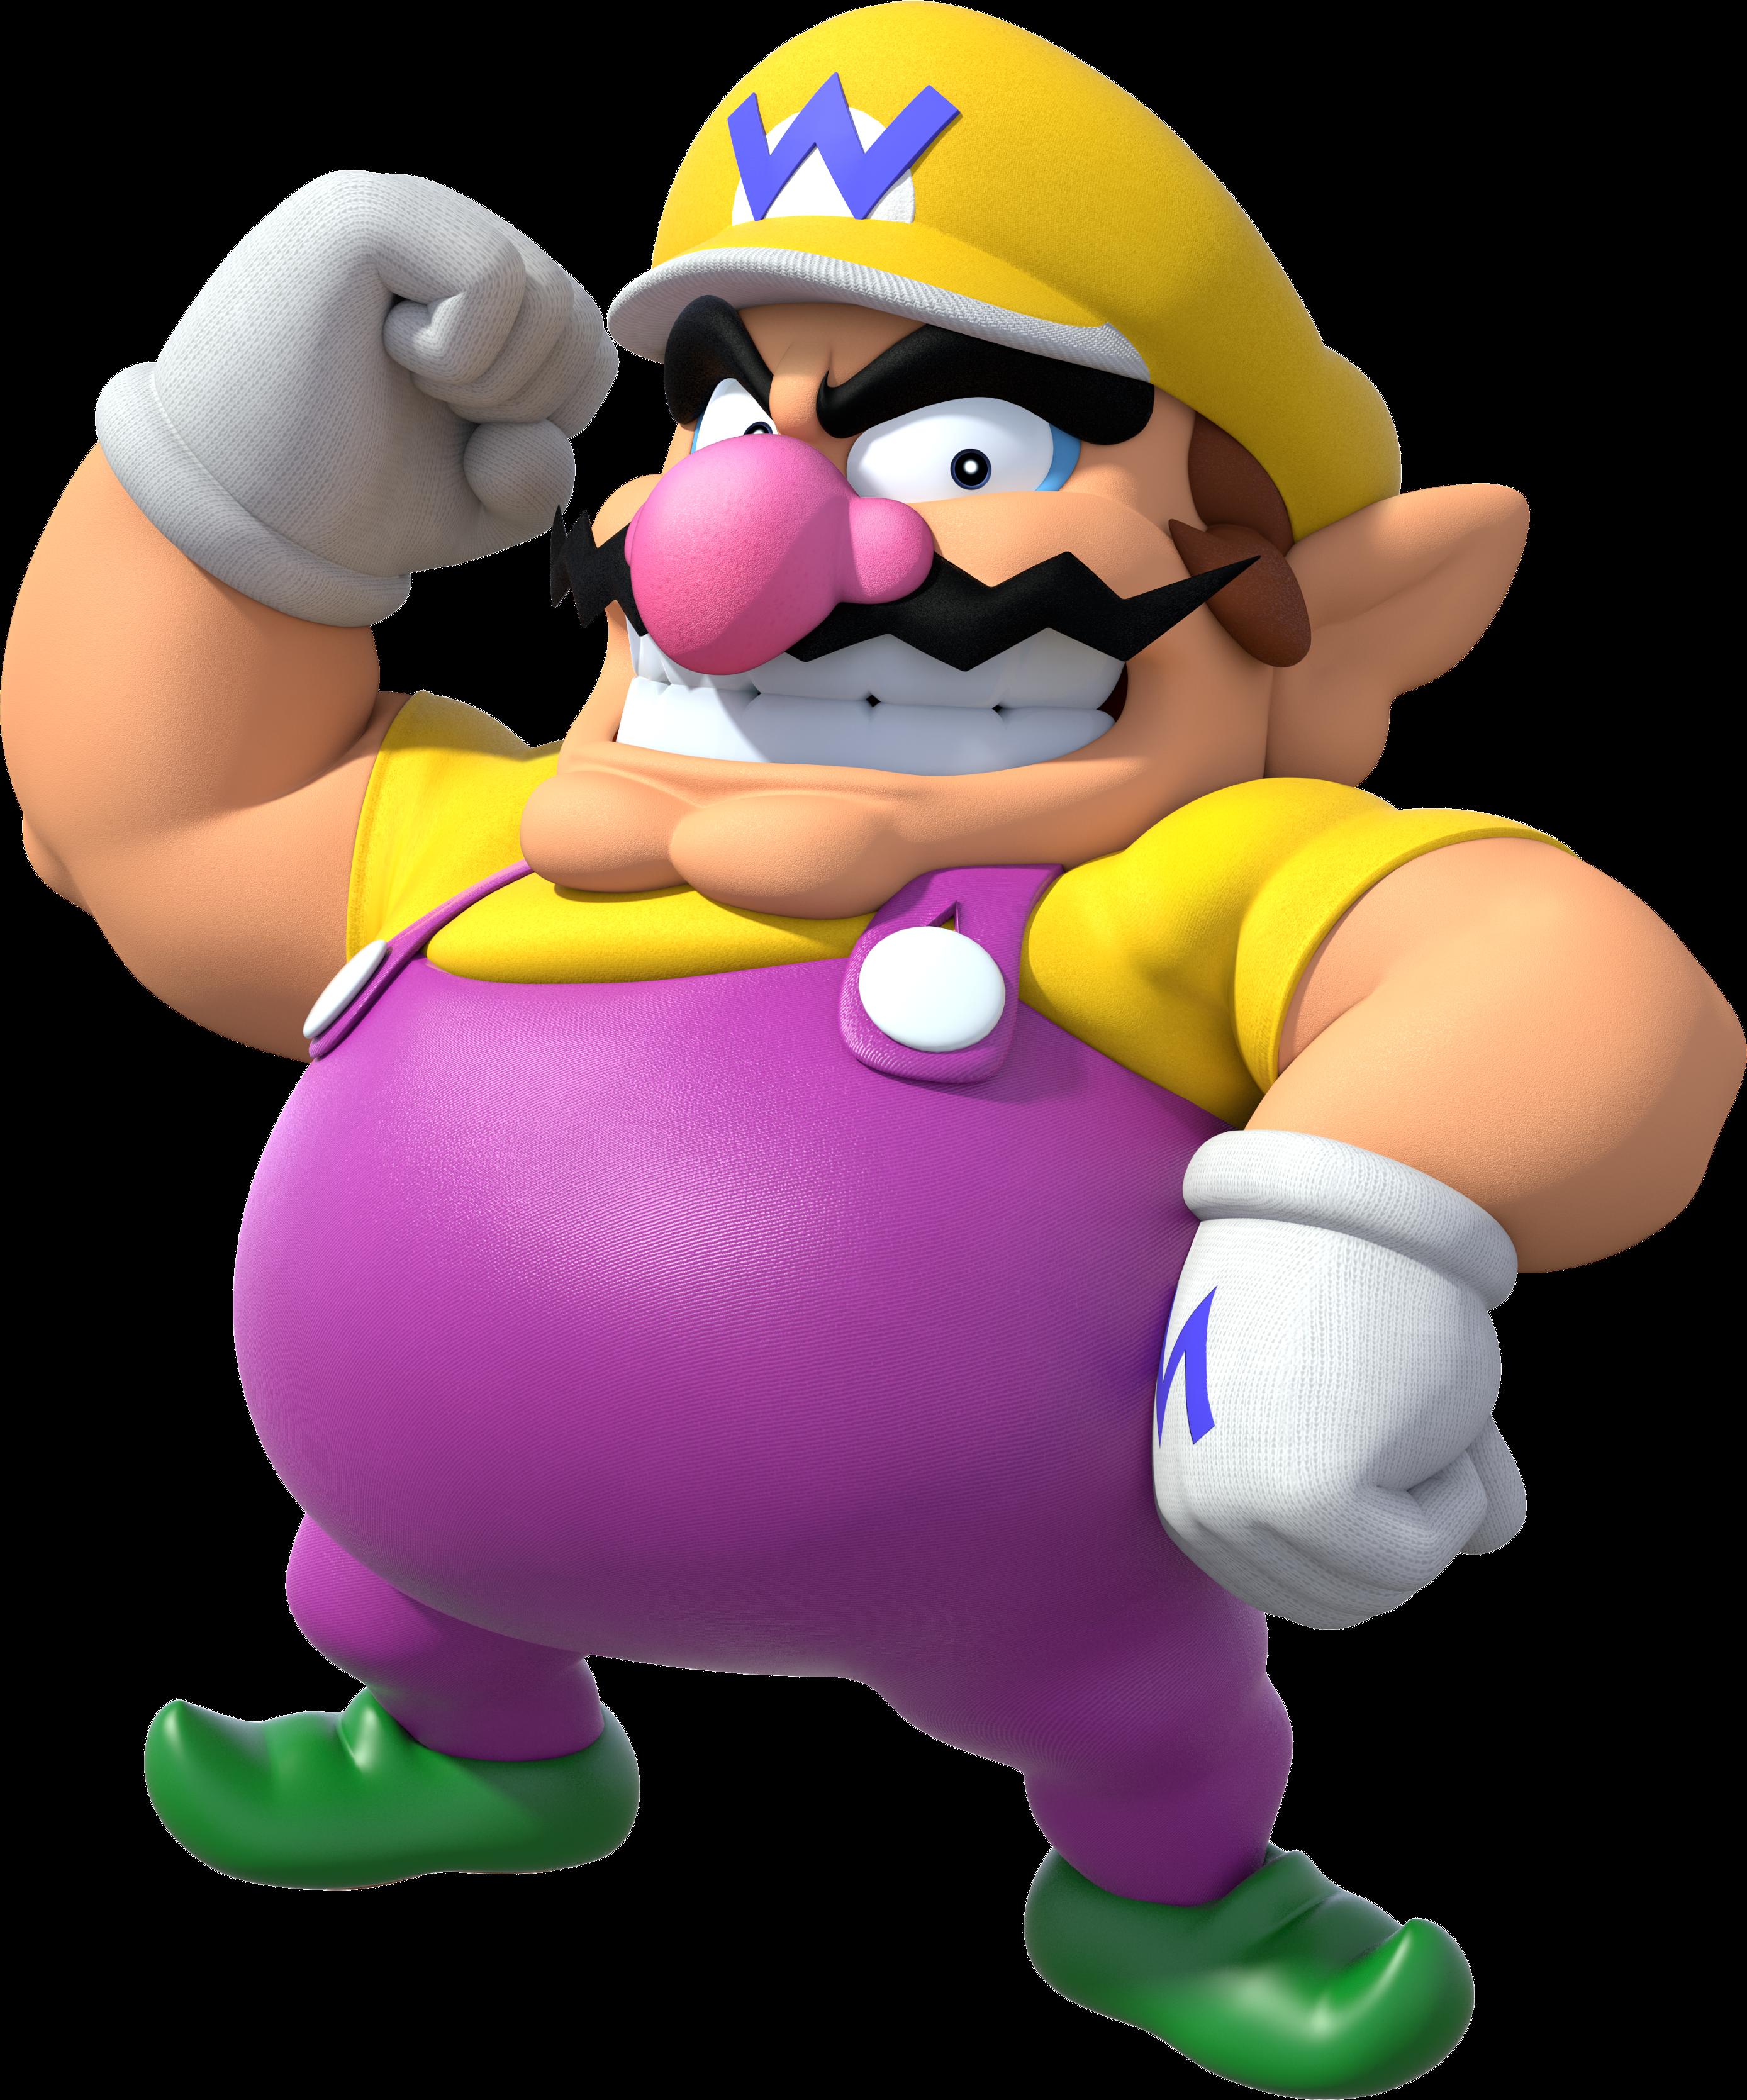 Wario Mariowiki Fandom